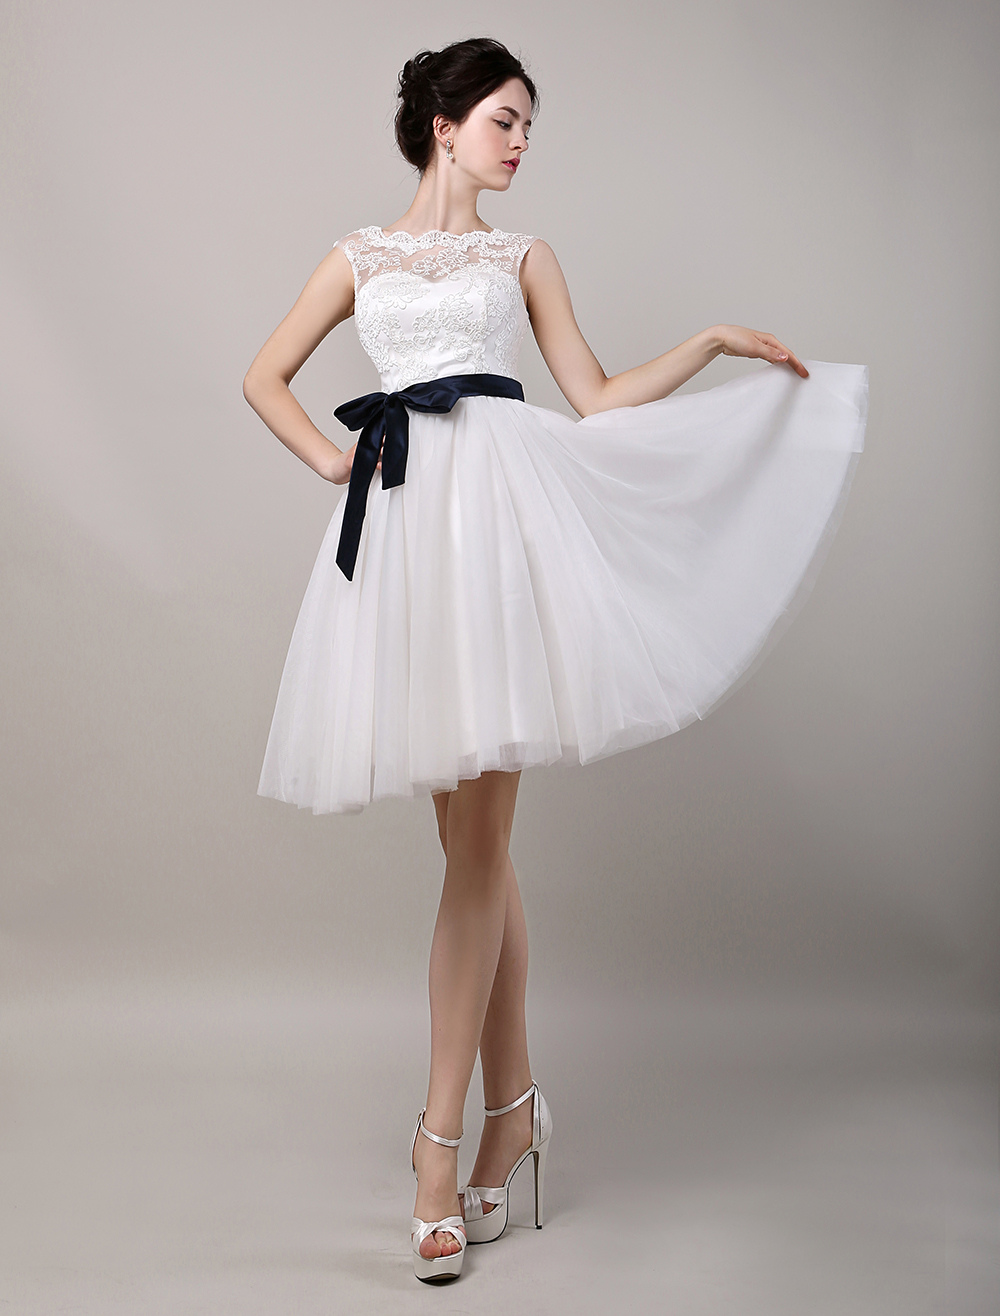 cfea69d10c5 Robe de mariage exquise A-ligne dentelle ivoire longueur genou - Milanoo.com